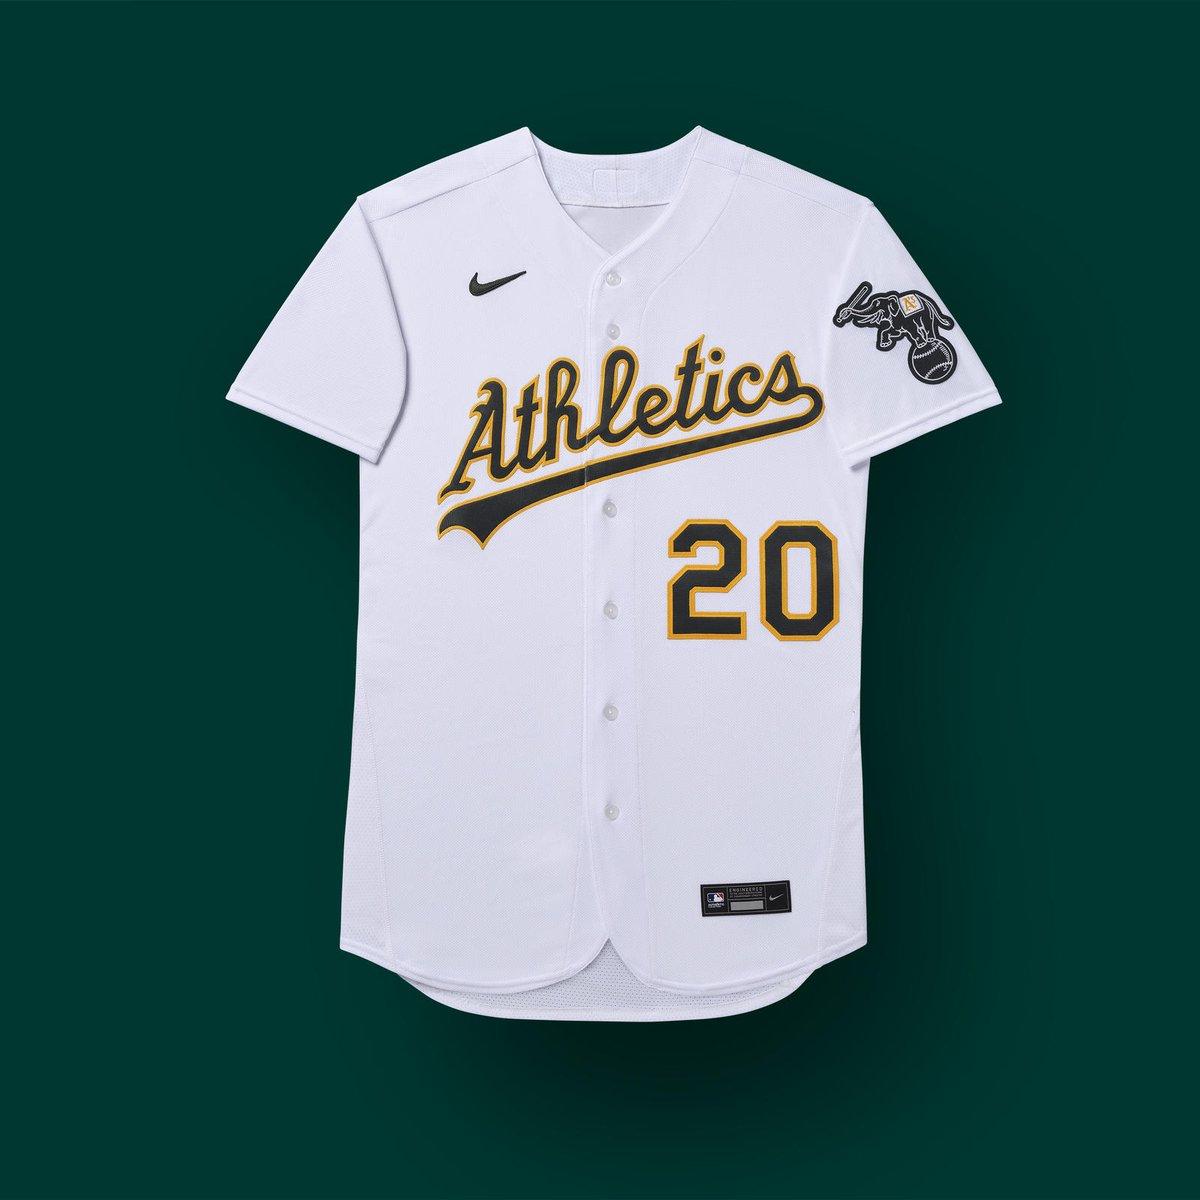 La nueva camiseta para 2020 cuenta con el logo de #Nike en la parte delantera, algo que no está gustando mucho a la afición. Opinen ustedes! #HechoenOakland #RootedinOakland #MLBesp #MLB #GreenCollar.